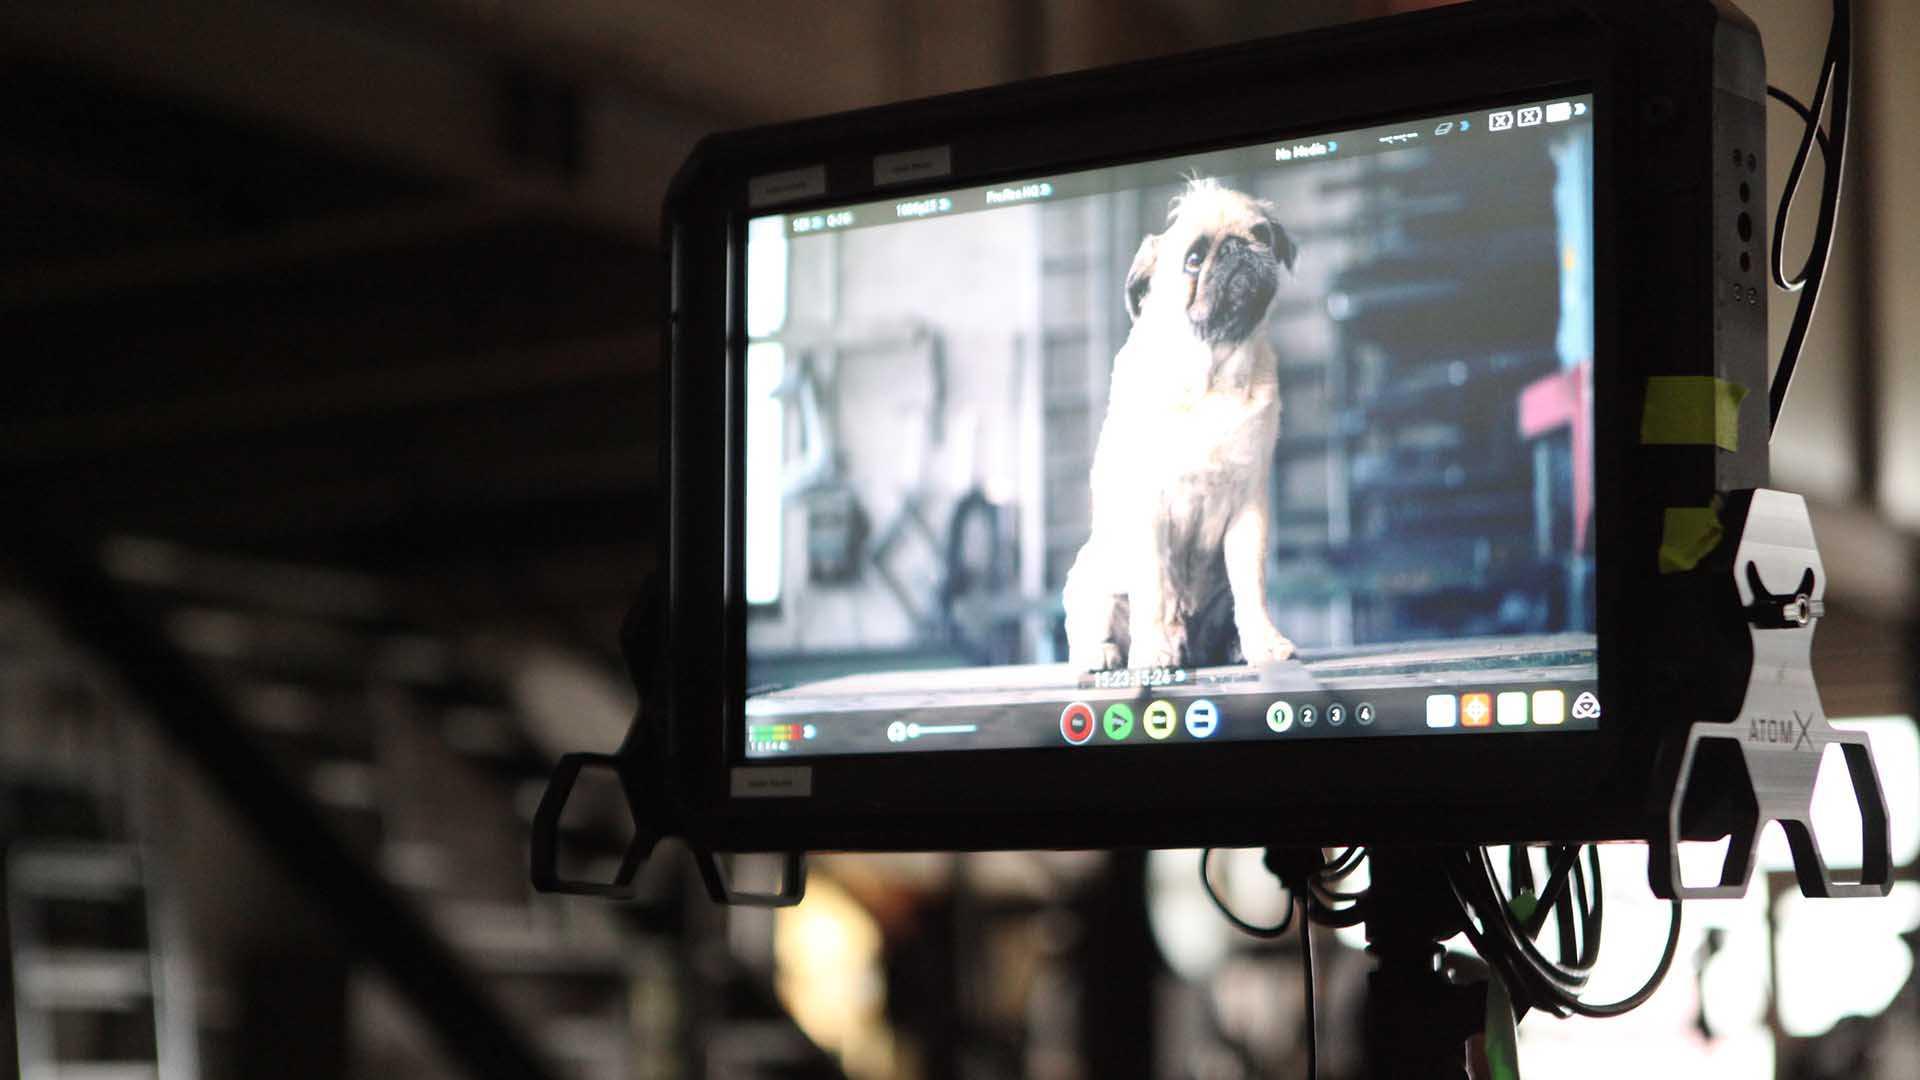 """Das Bild zeigt einen kleinen Hund auf einem Monitor. Dieser befindet sich in einer Werkstatt. Der Hund ist ein Mops mit beidem Fell und einer schwarzen Schnauze. Das Bild dient als Sliderbild für den Portfolioeintrag """"ifm Positionssensor"""" von Panda Pictures."""